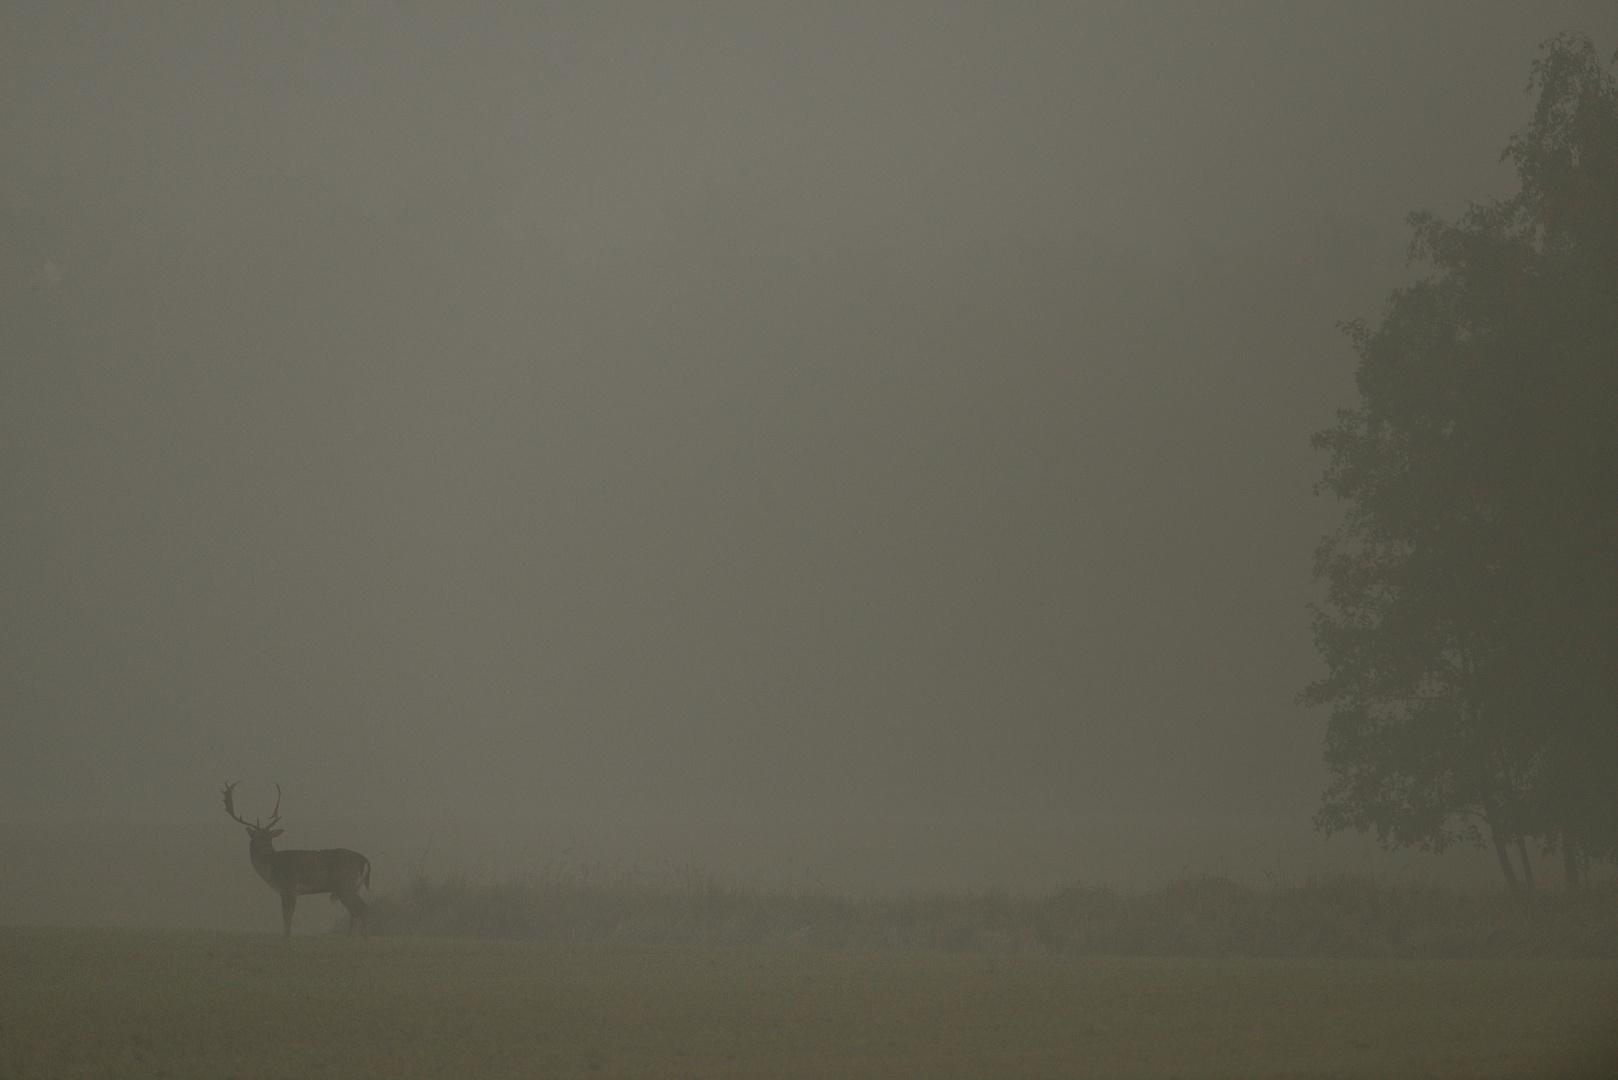 Damhirsch im Morgennebel